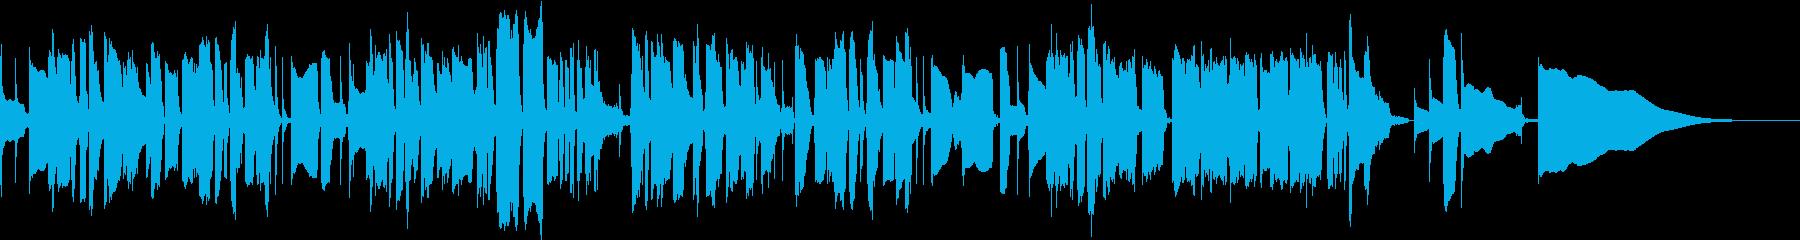 アメイジンググレイスのベース独奏の再生済みの波形